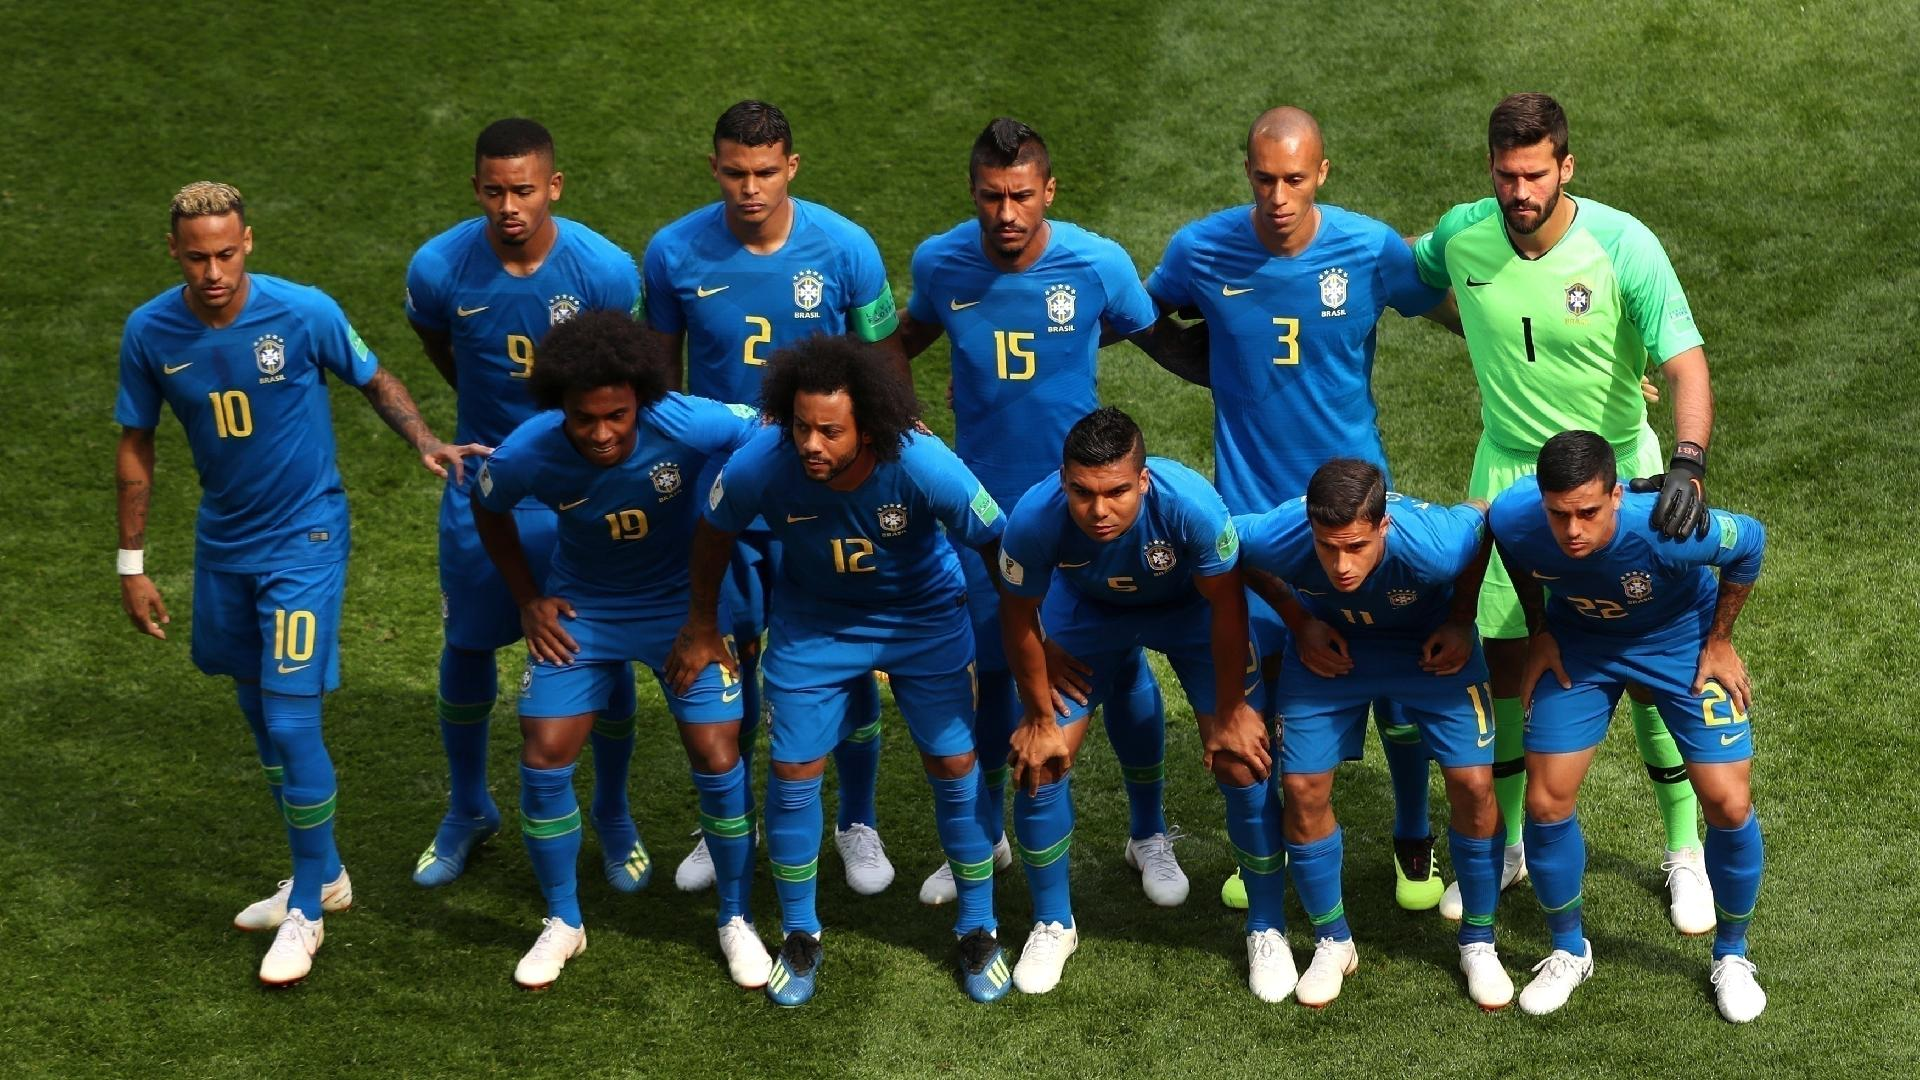 Seleção jogará inteiramente de azul contra a Costa Rica